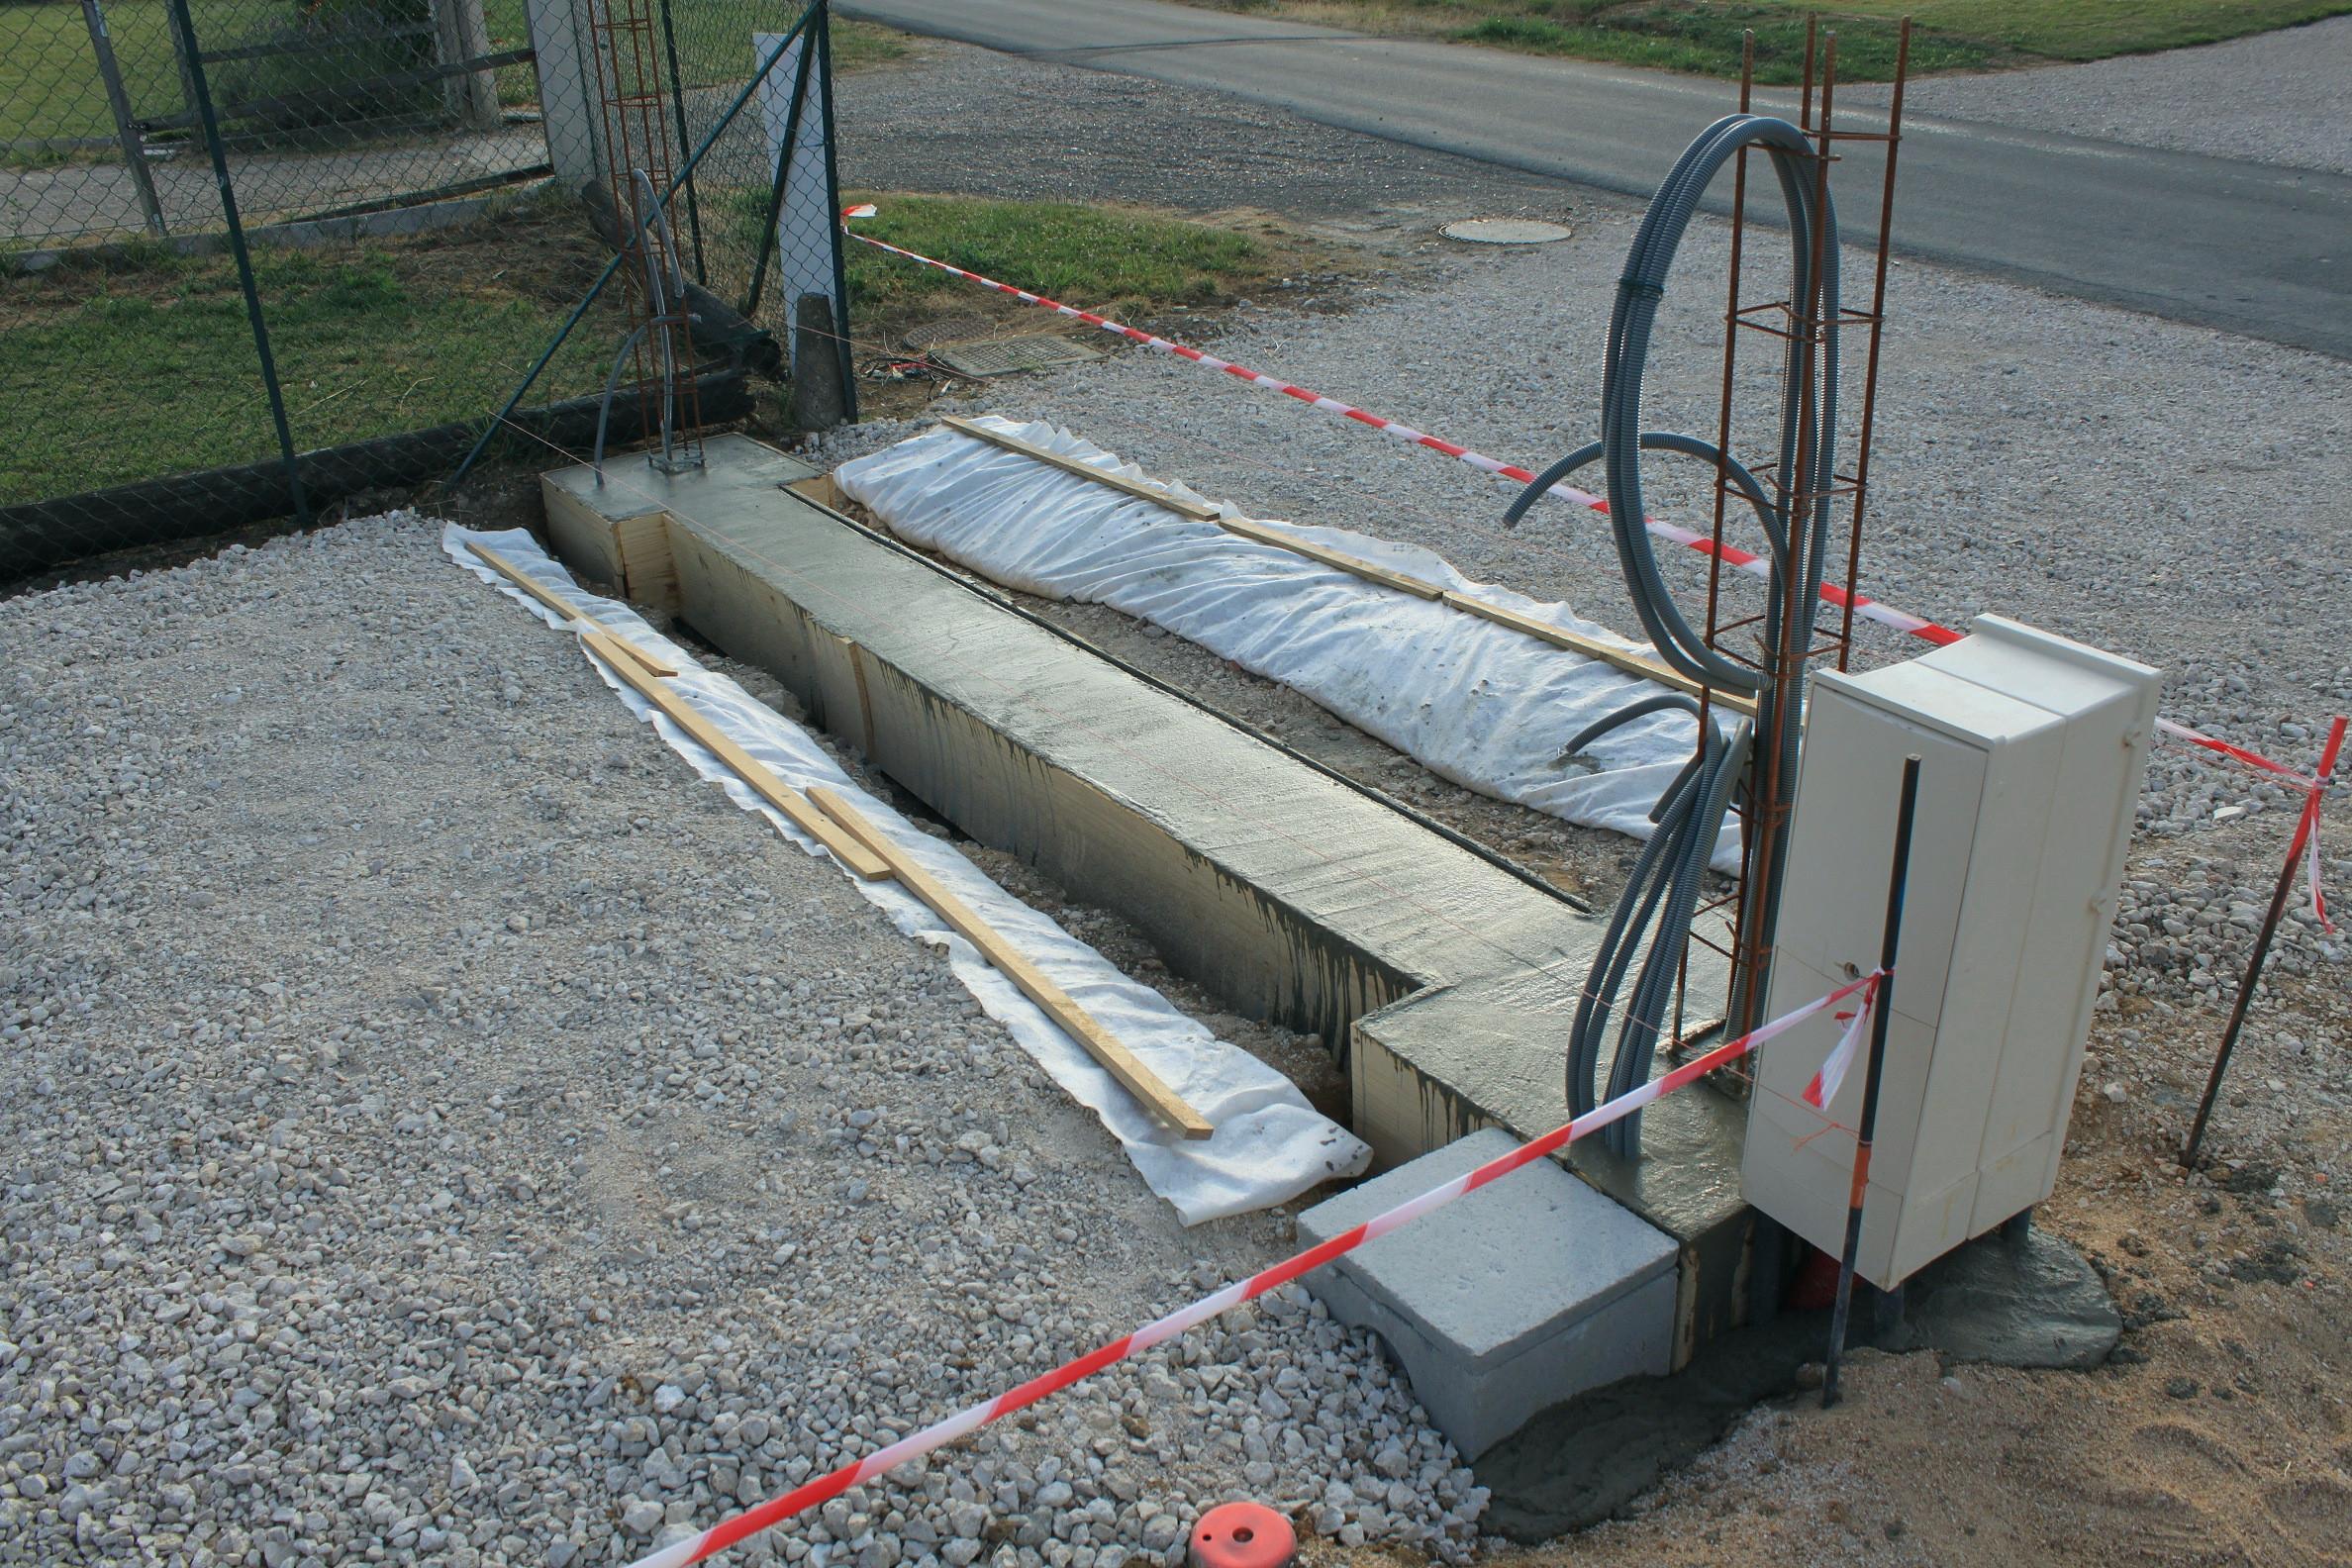 Cloture Jardin Pas Cher Brico Depot Beau Image Le Bien Saturateur Bois Brico Depot Conception – Sullivanmaxx